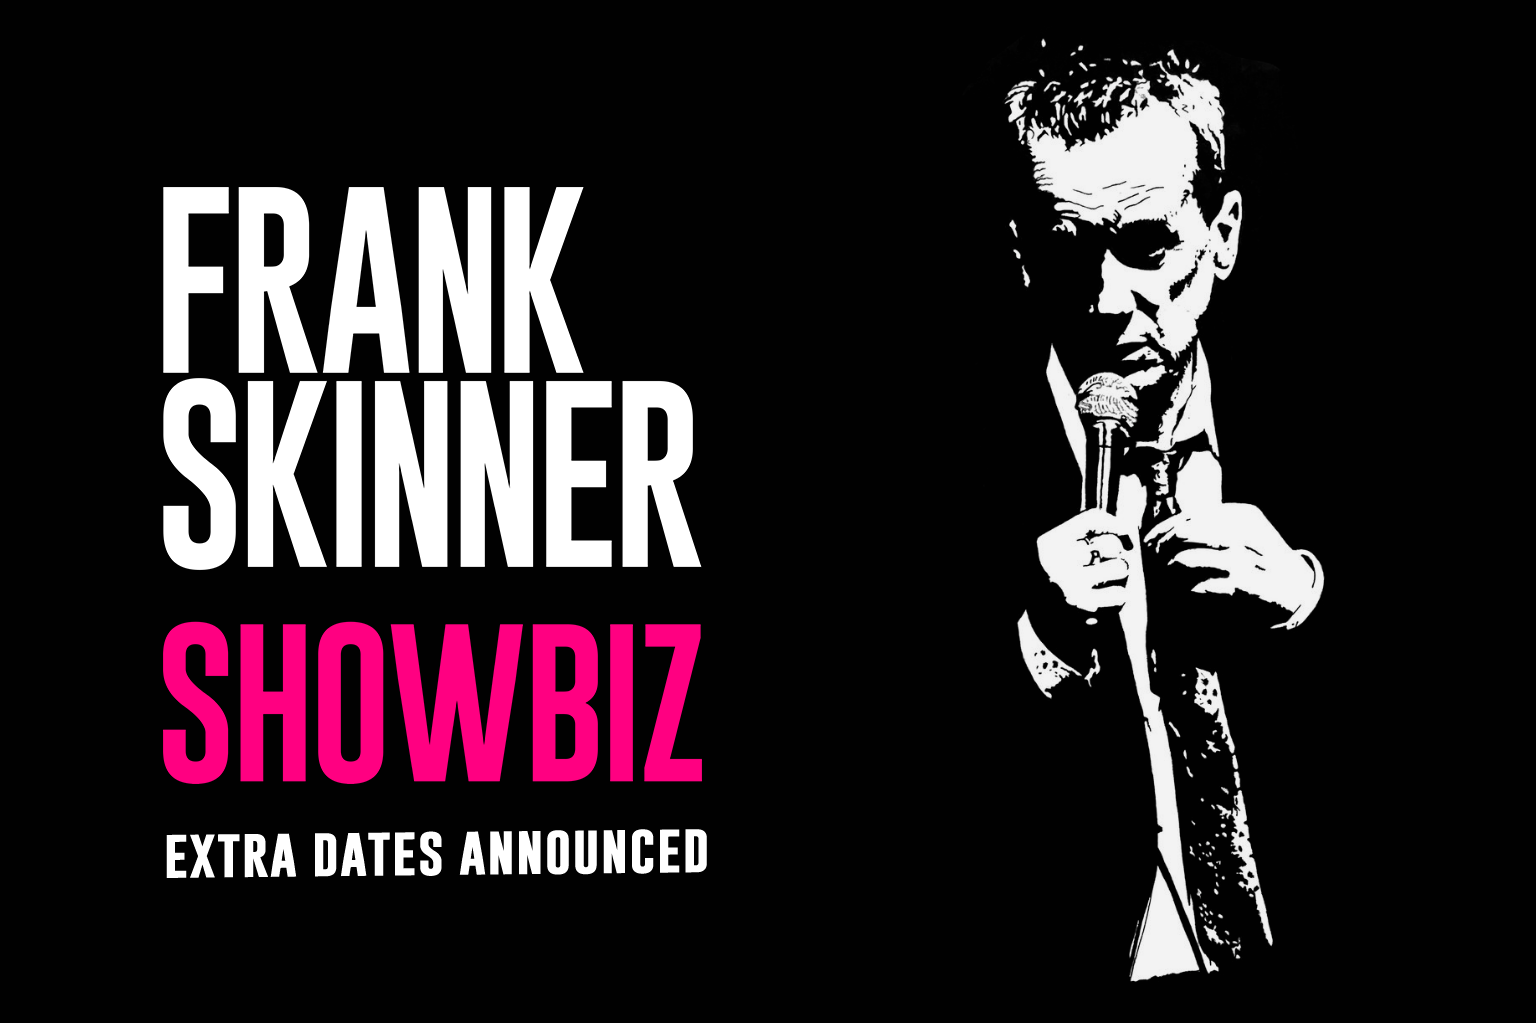 Frank Skinner Live Tour 2021